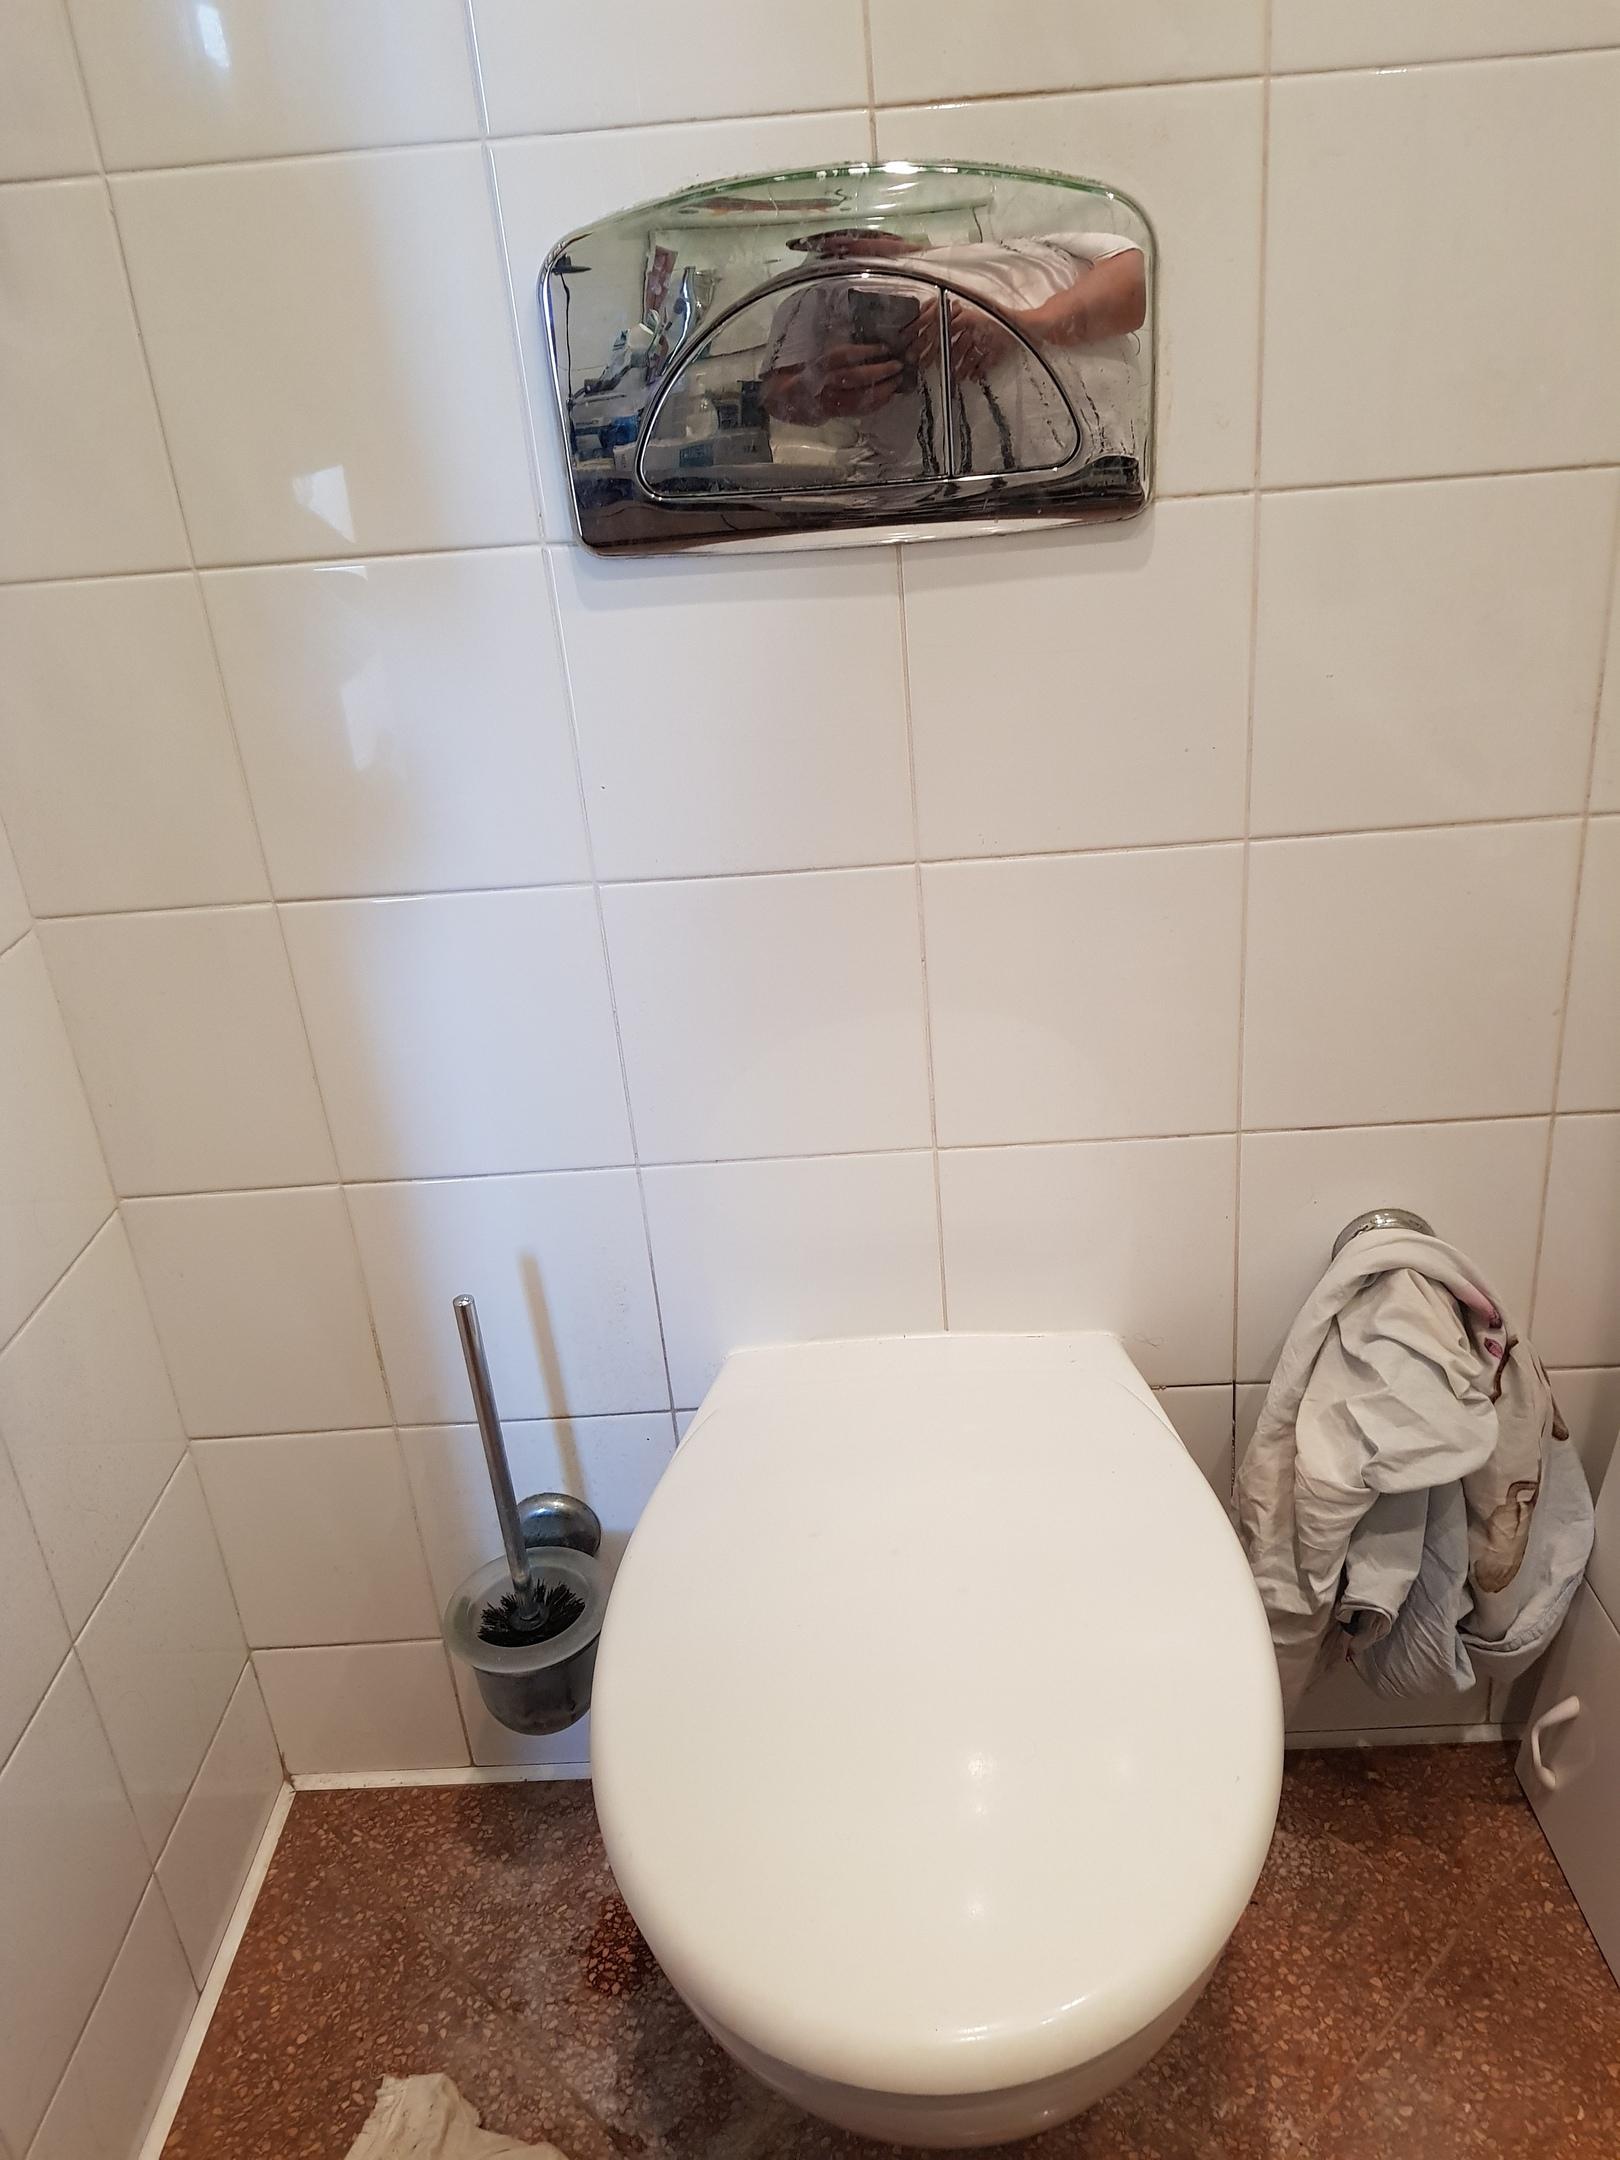 20180308-remont-installacii-oliveira-3.jpg